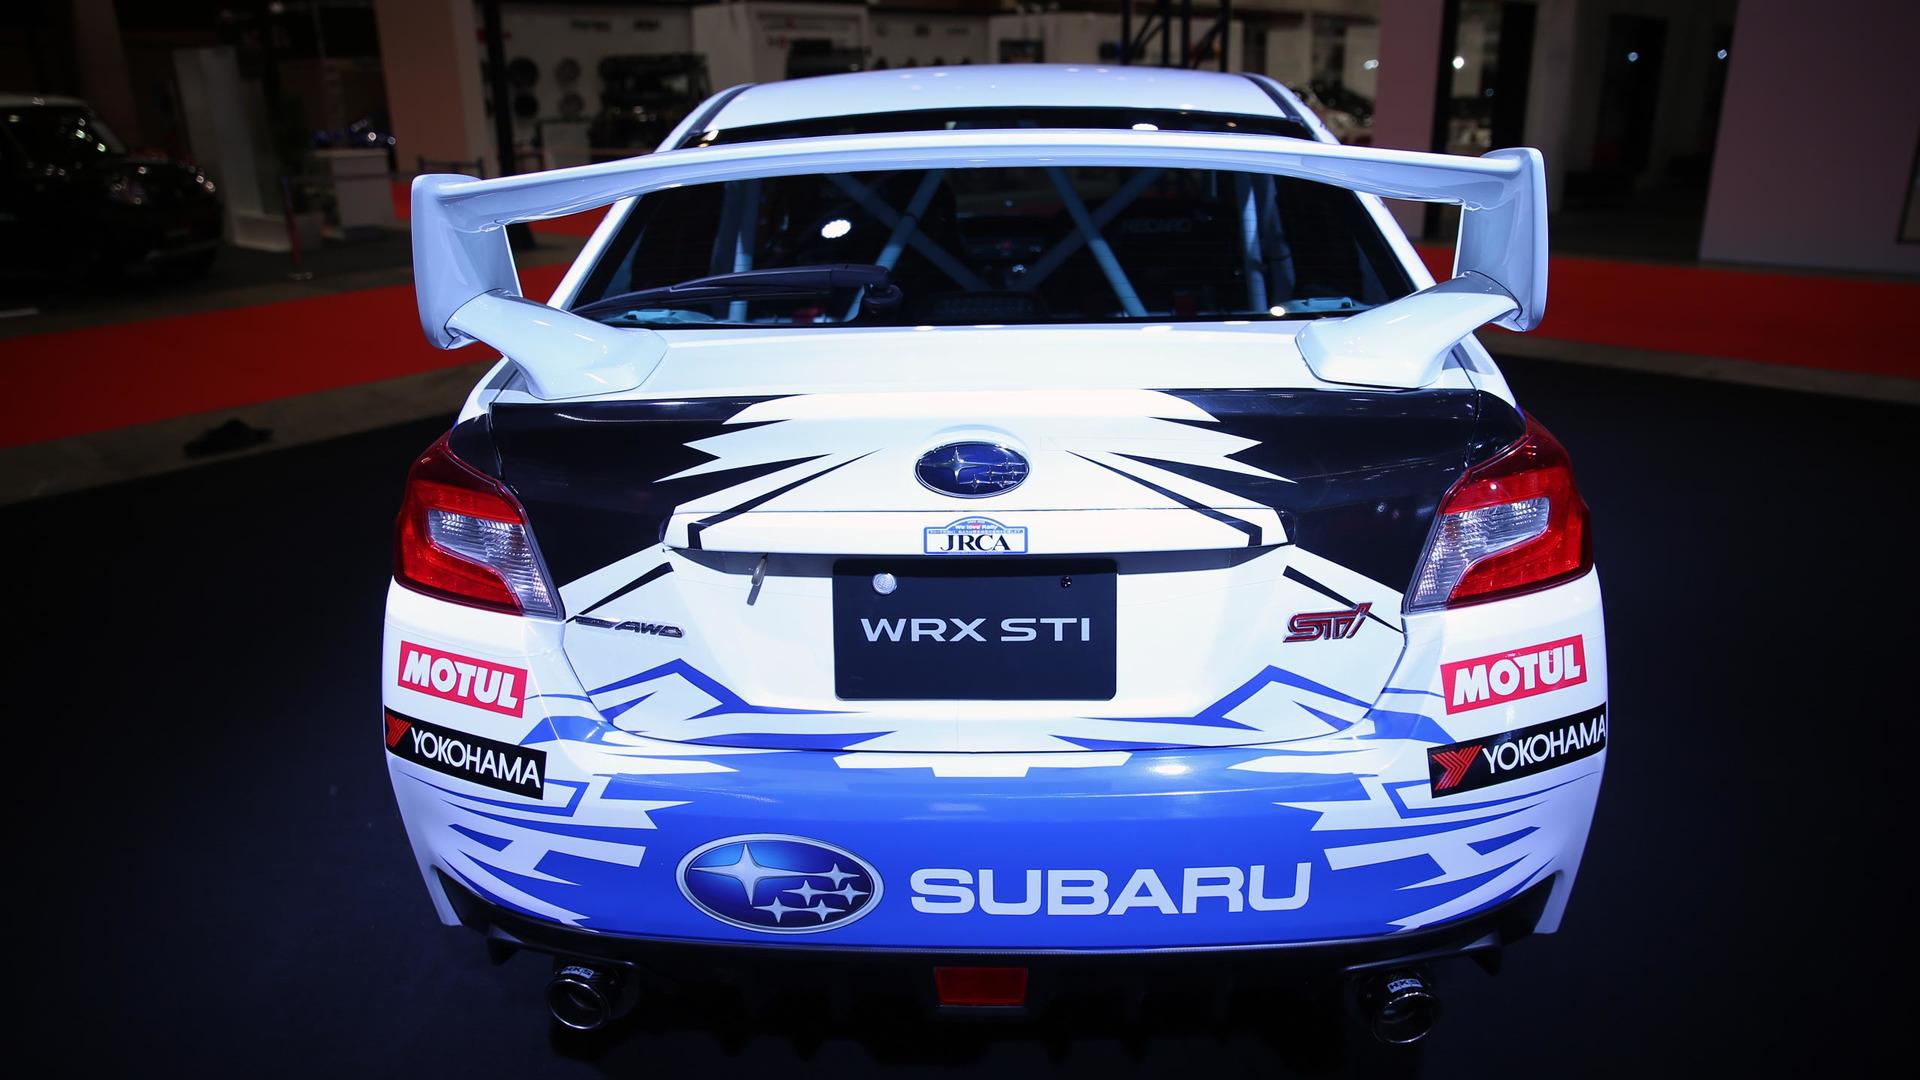 Subaru_2017_Tokyo_Auto_Salon_60